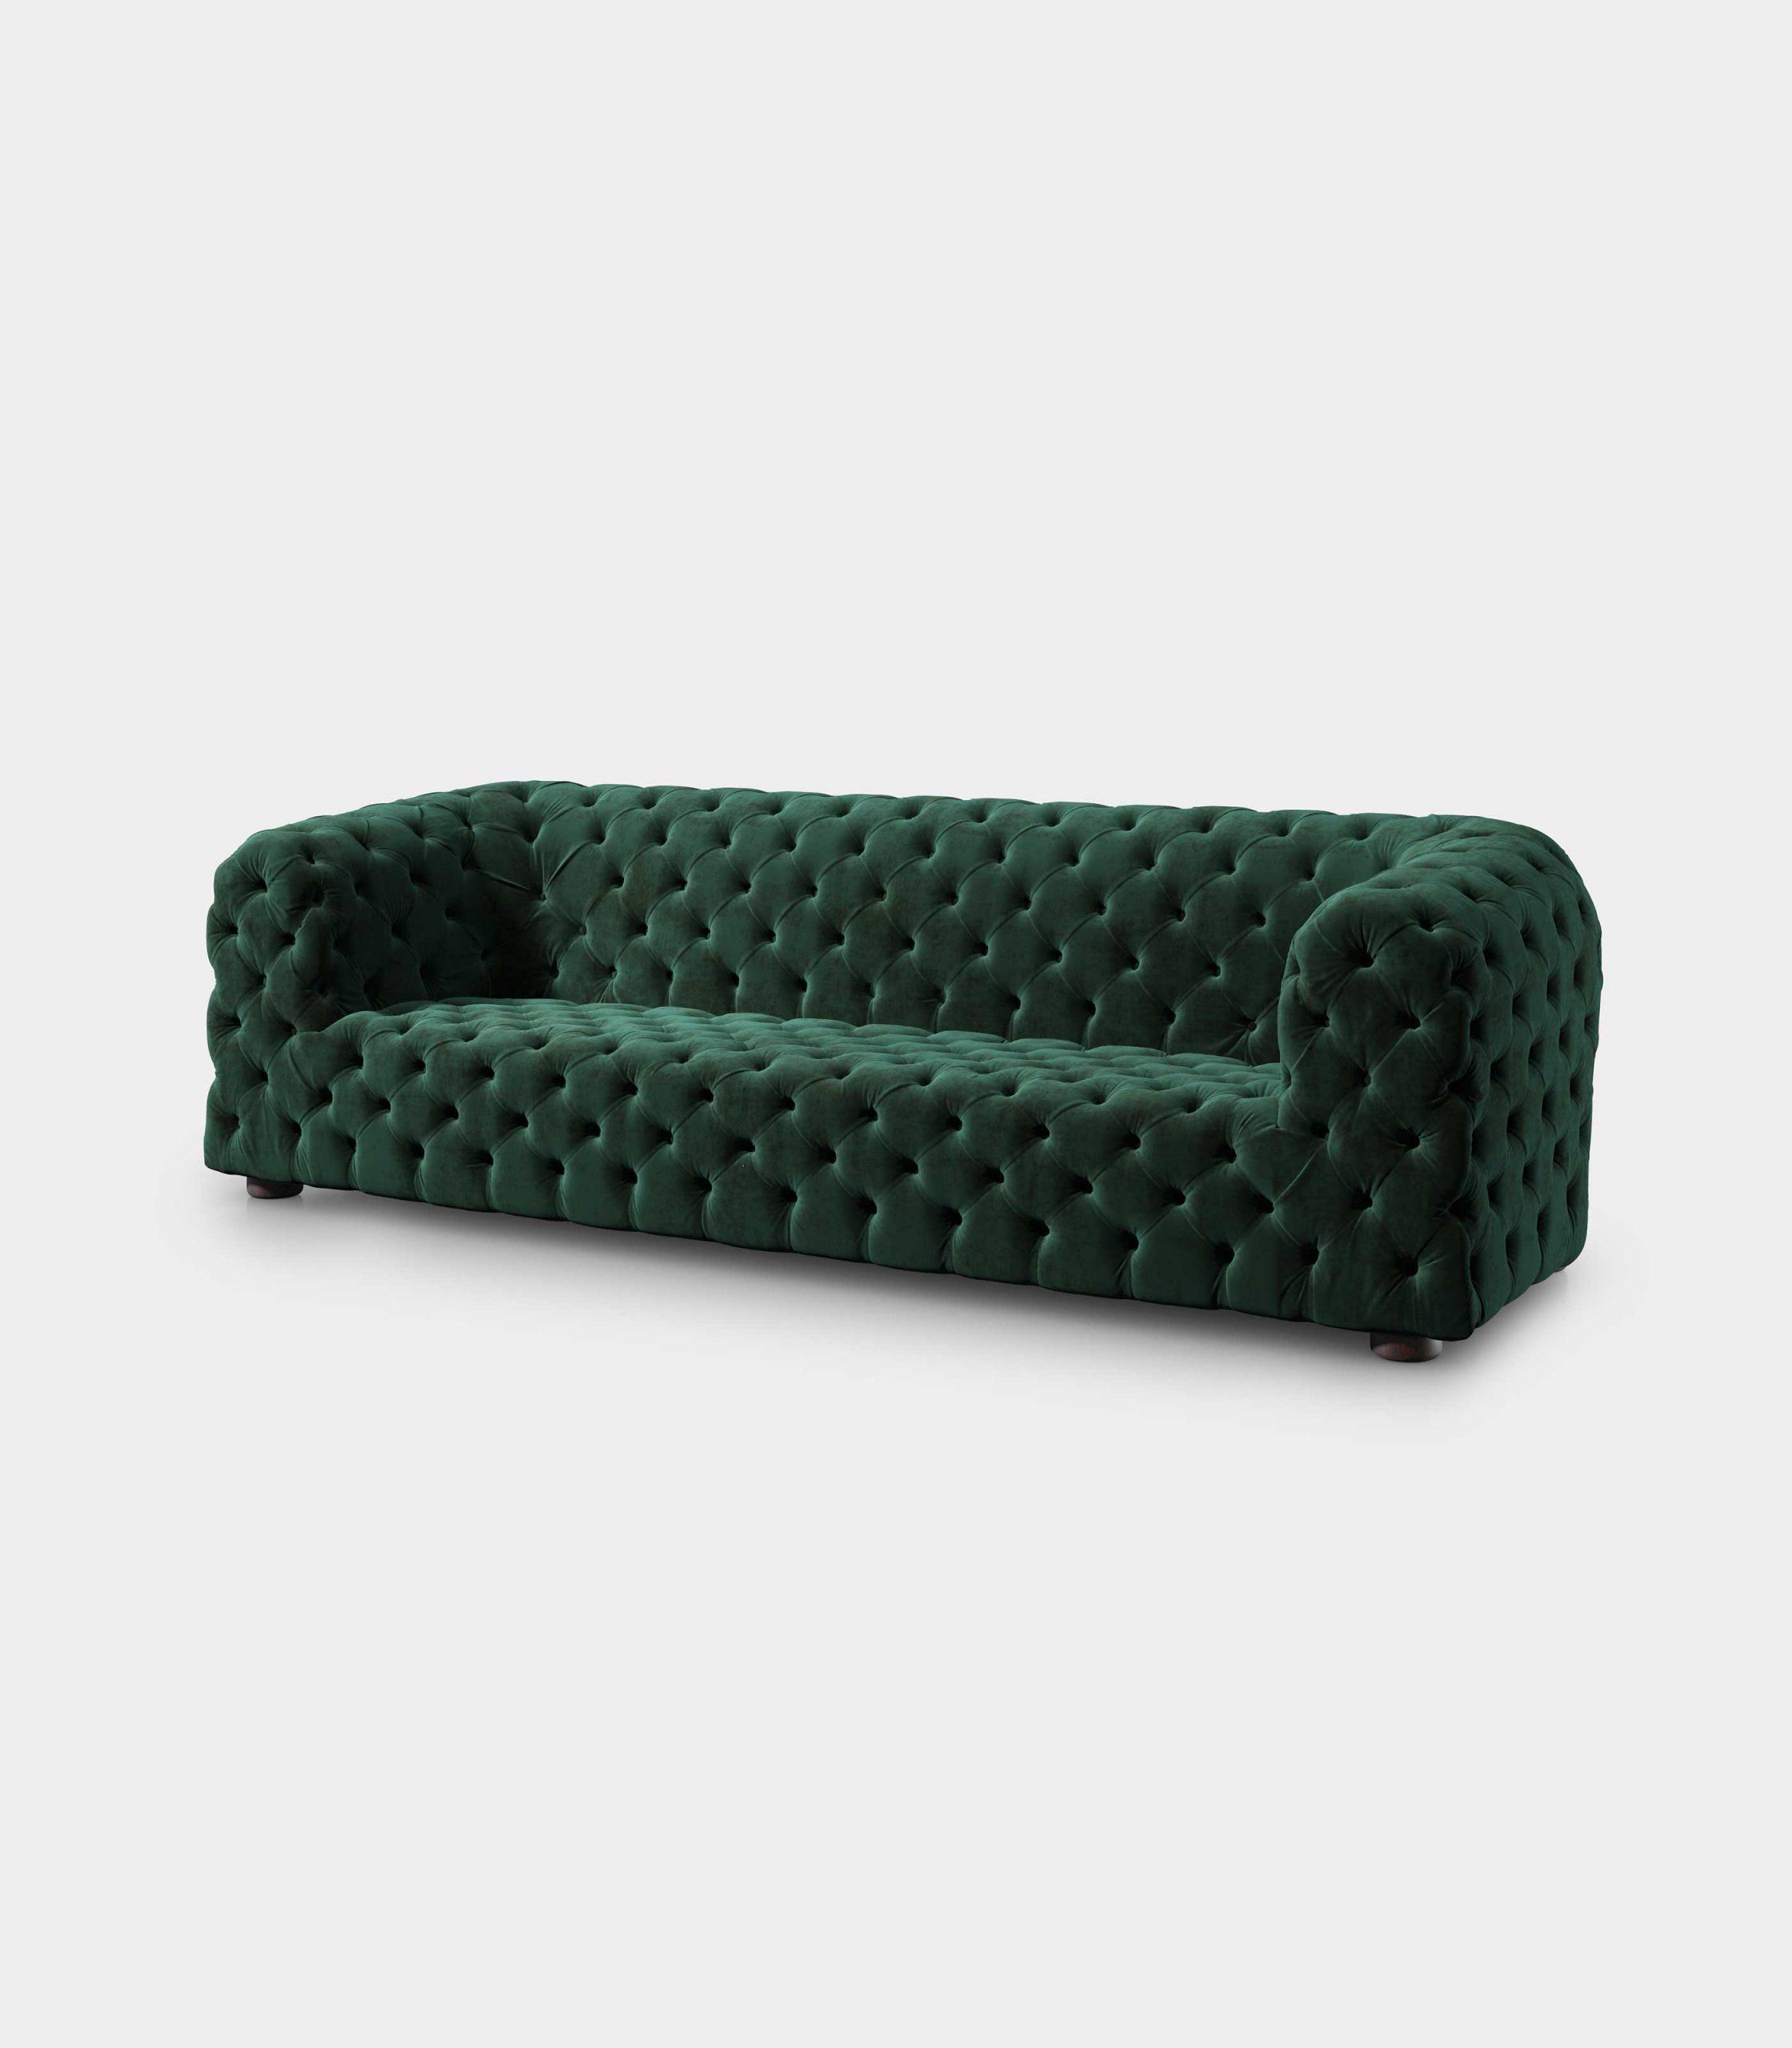 Capitonné green velvet sofa loopo milan design FD